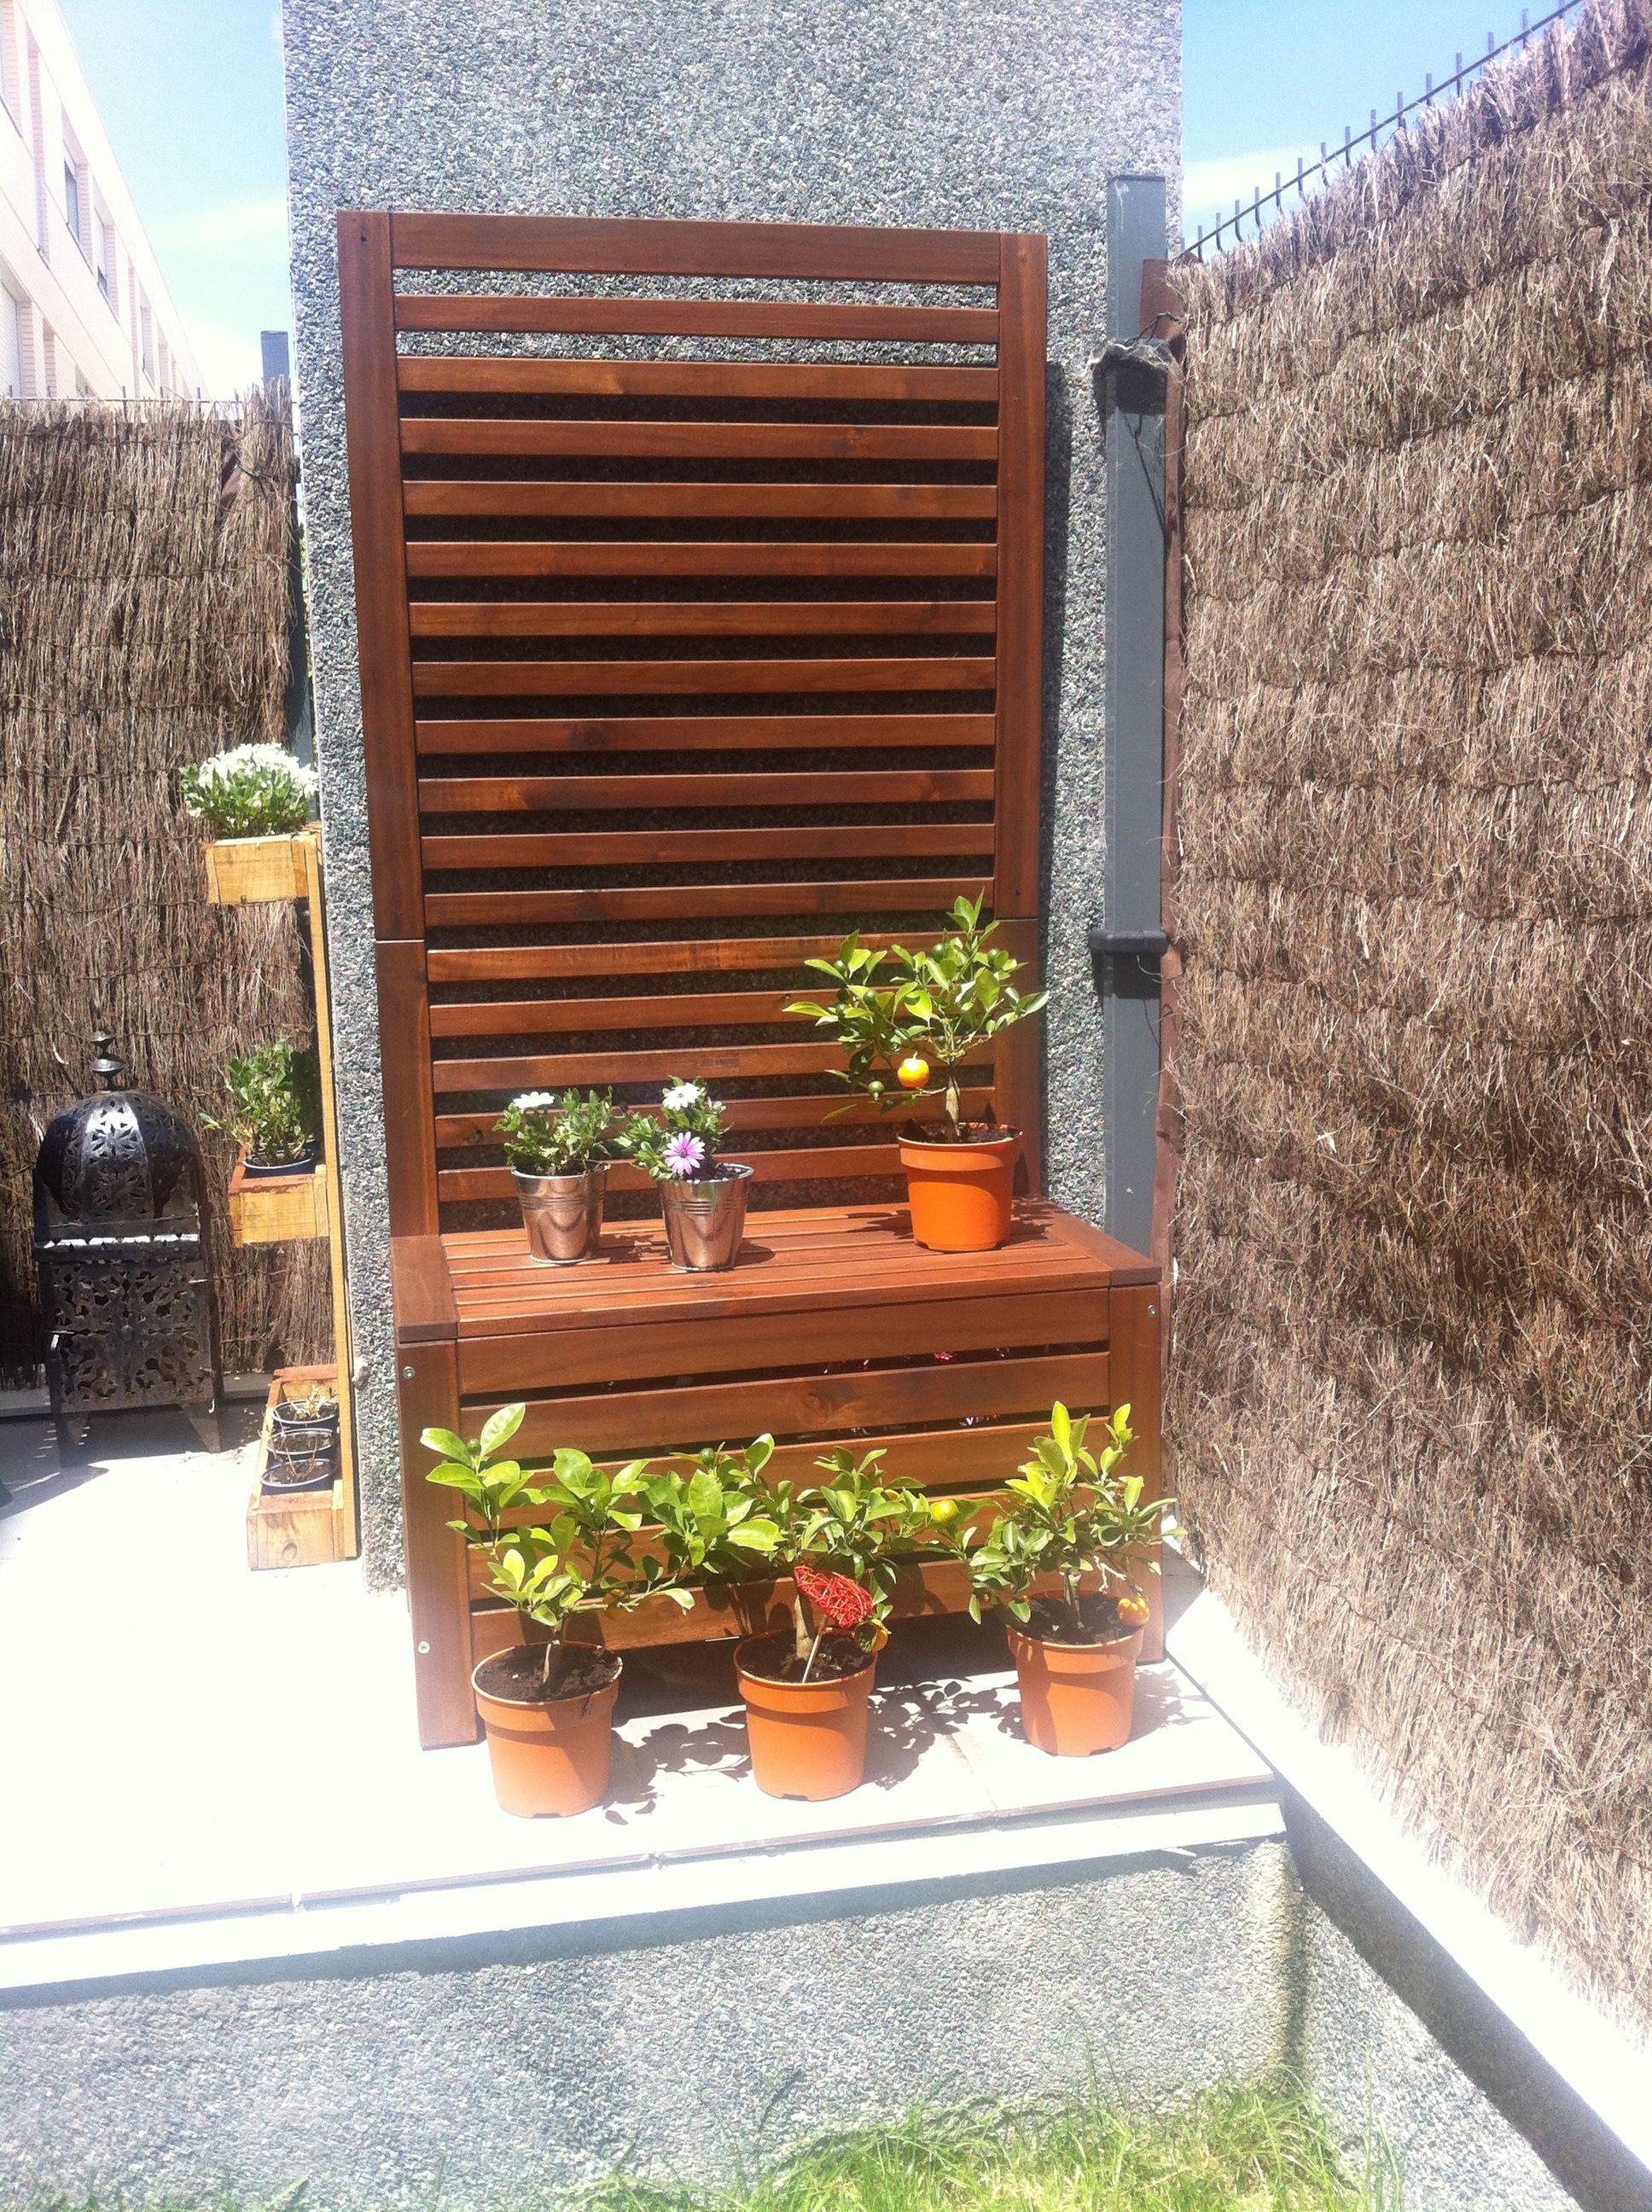 Plantas celos a banco jardinera pared de madera - Jardineras para jardin ...